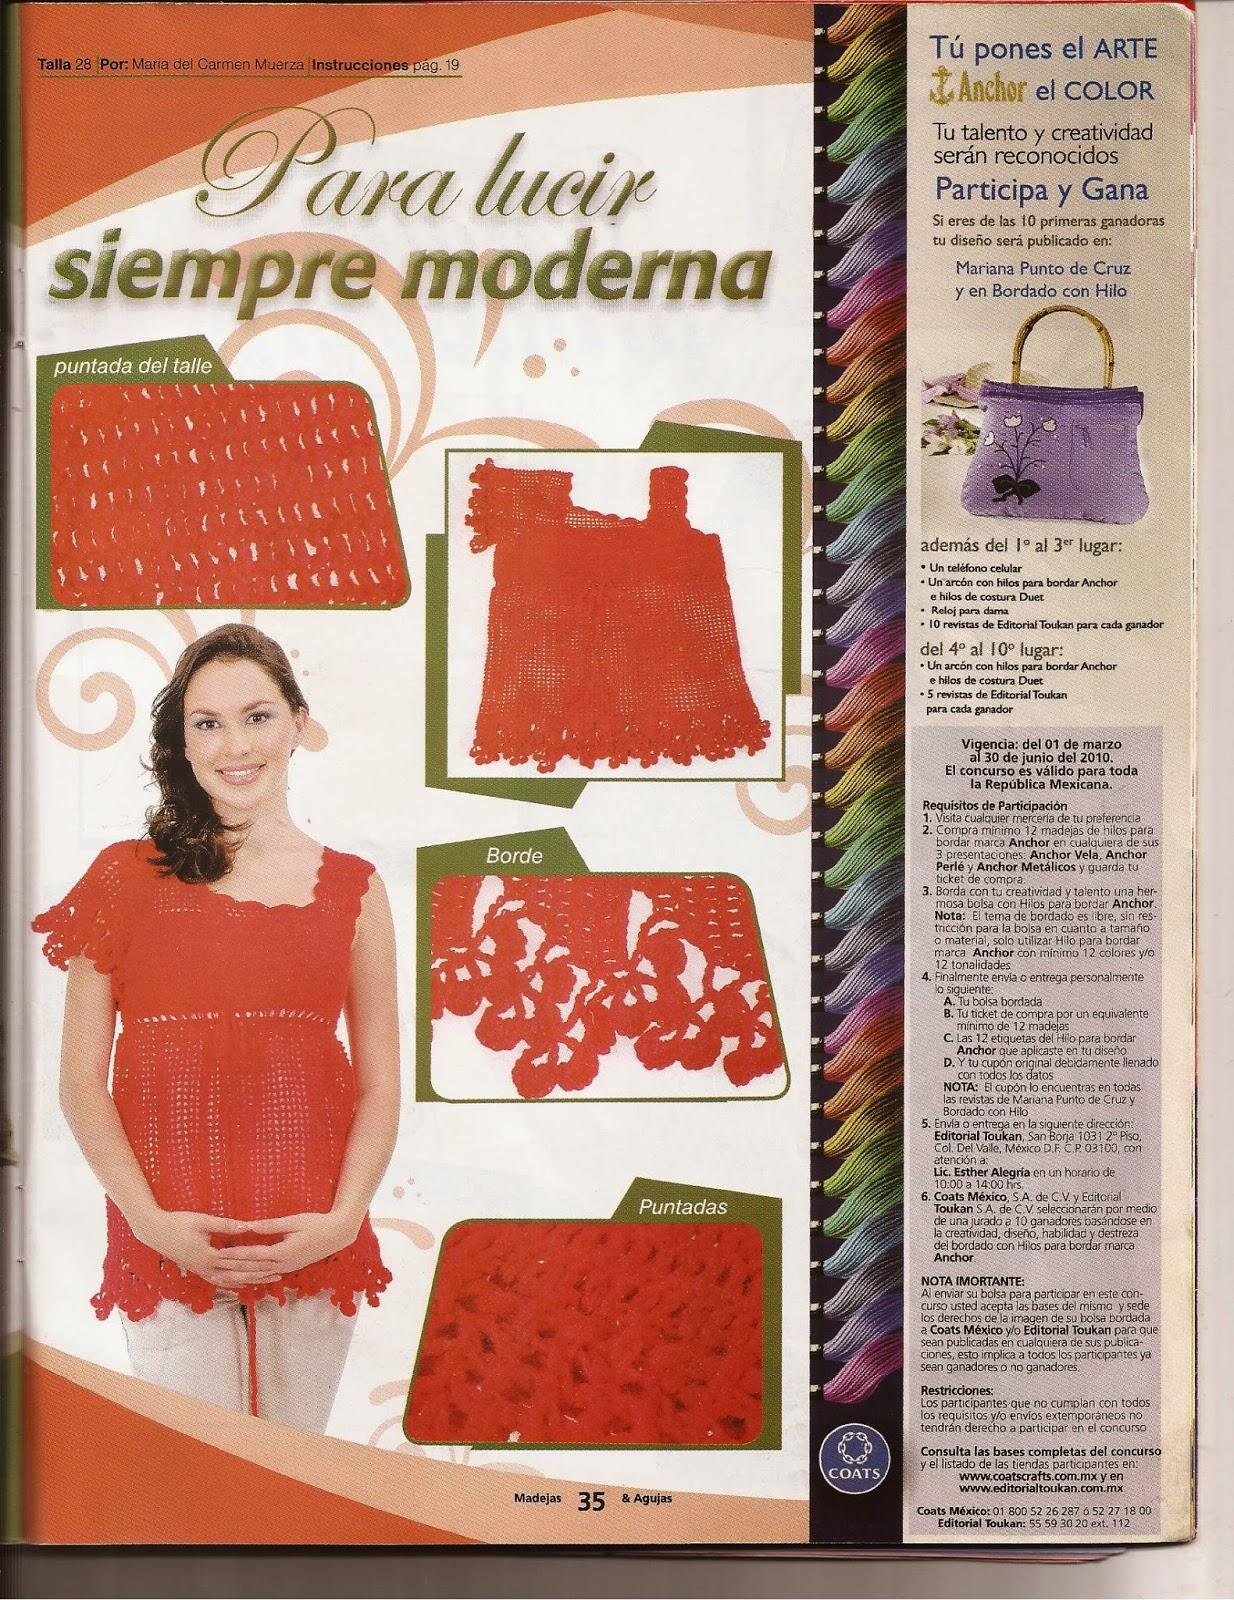 Cómo hacer chalinas paso a paso - Revistas de crochet y tejidos